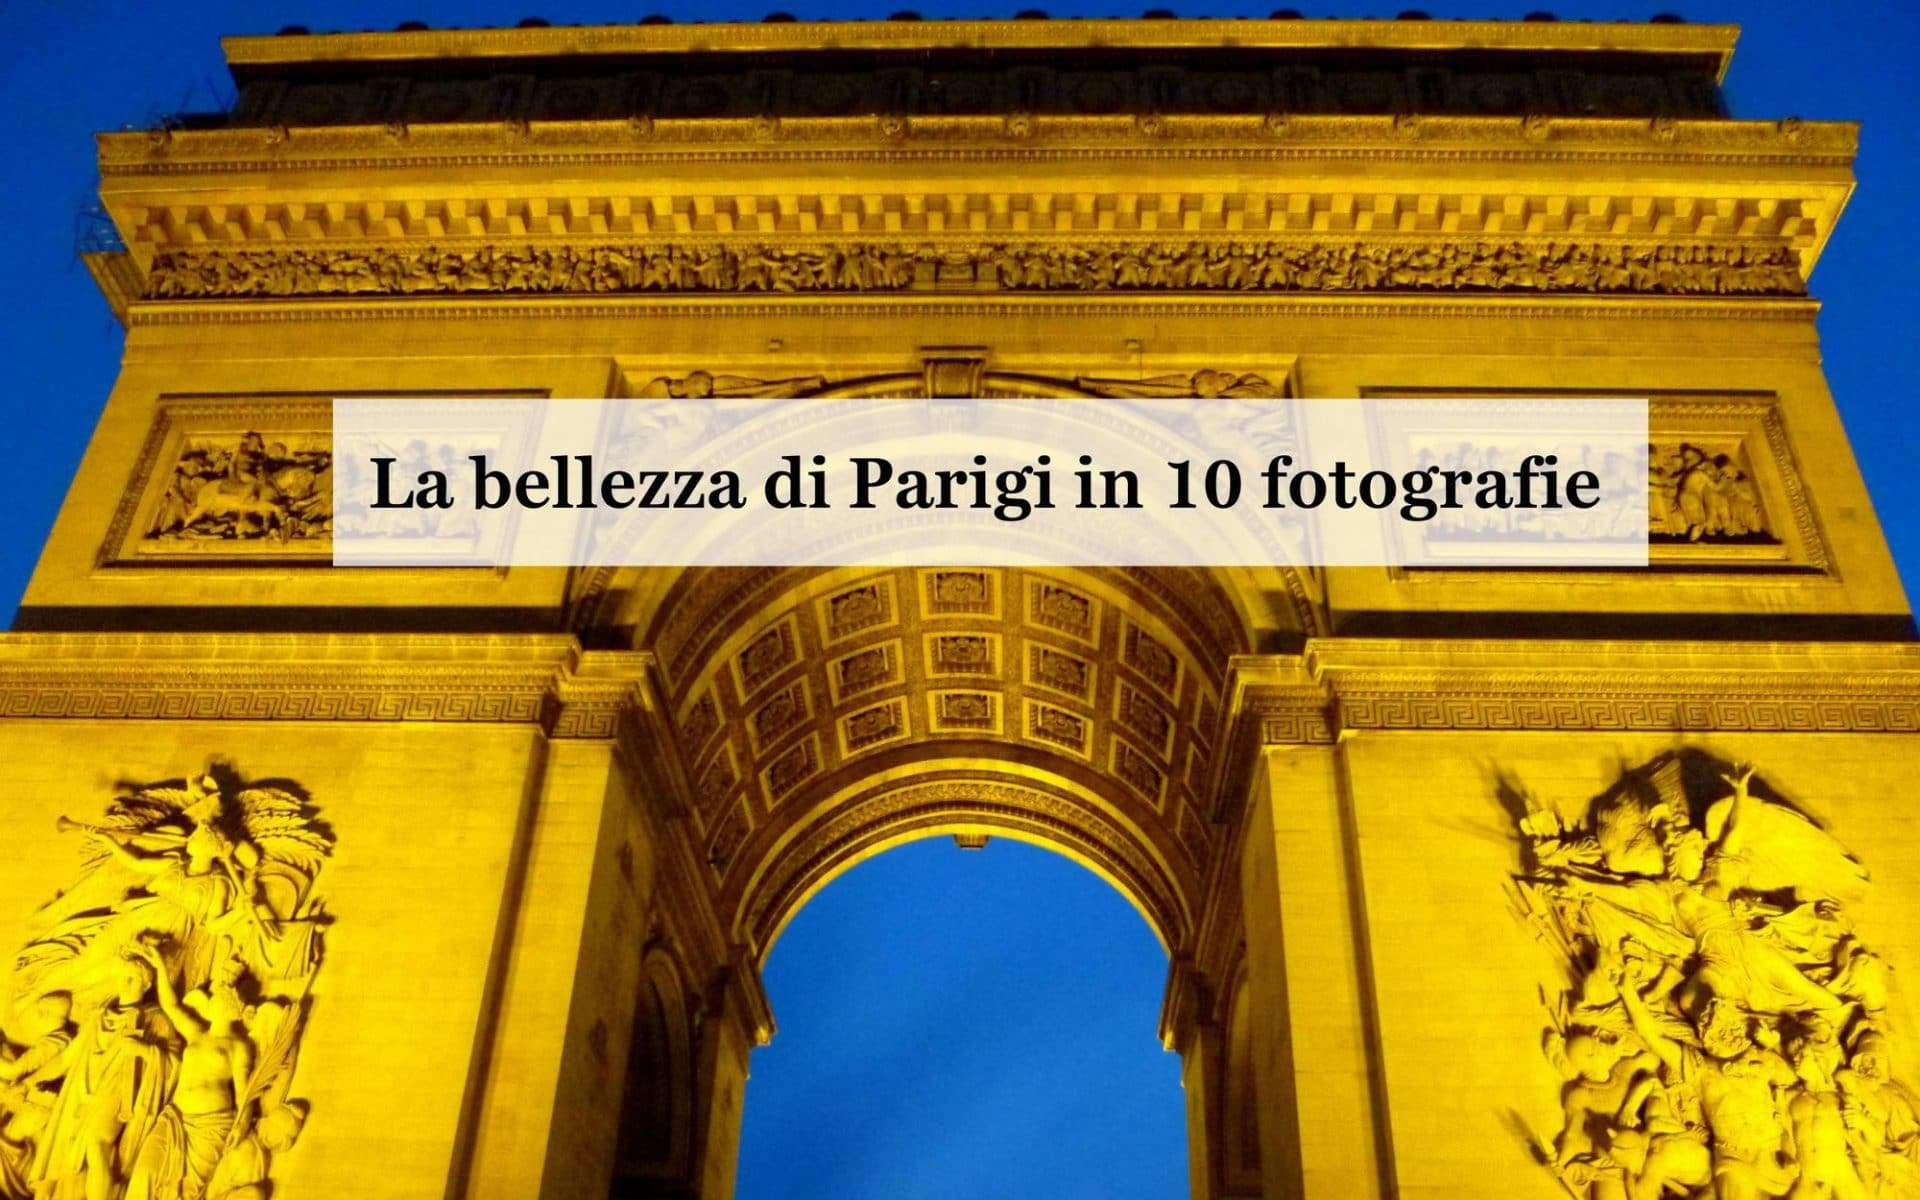 La bellezza di Parigi catturata in 10 fotografie